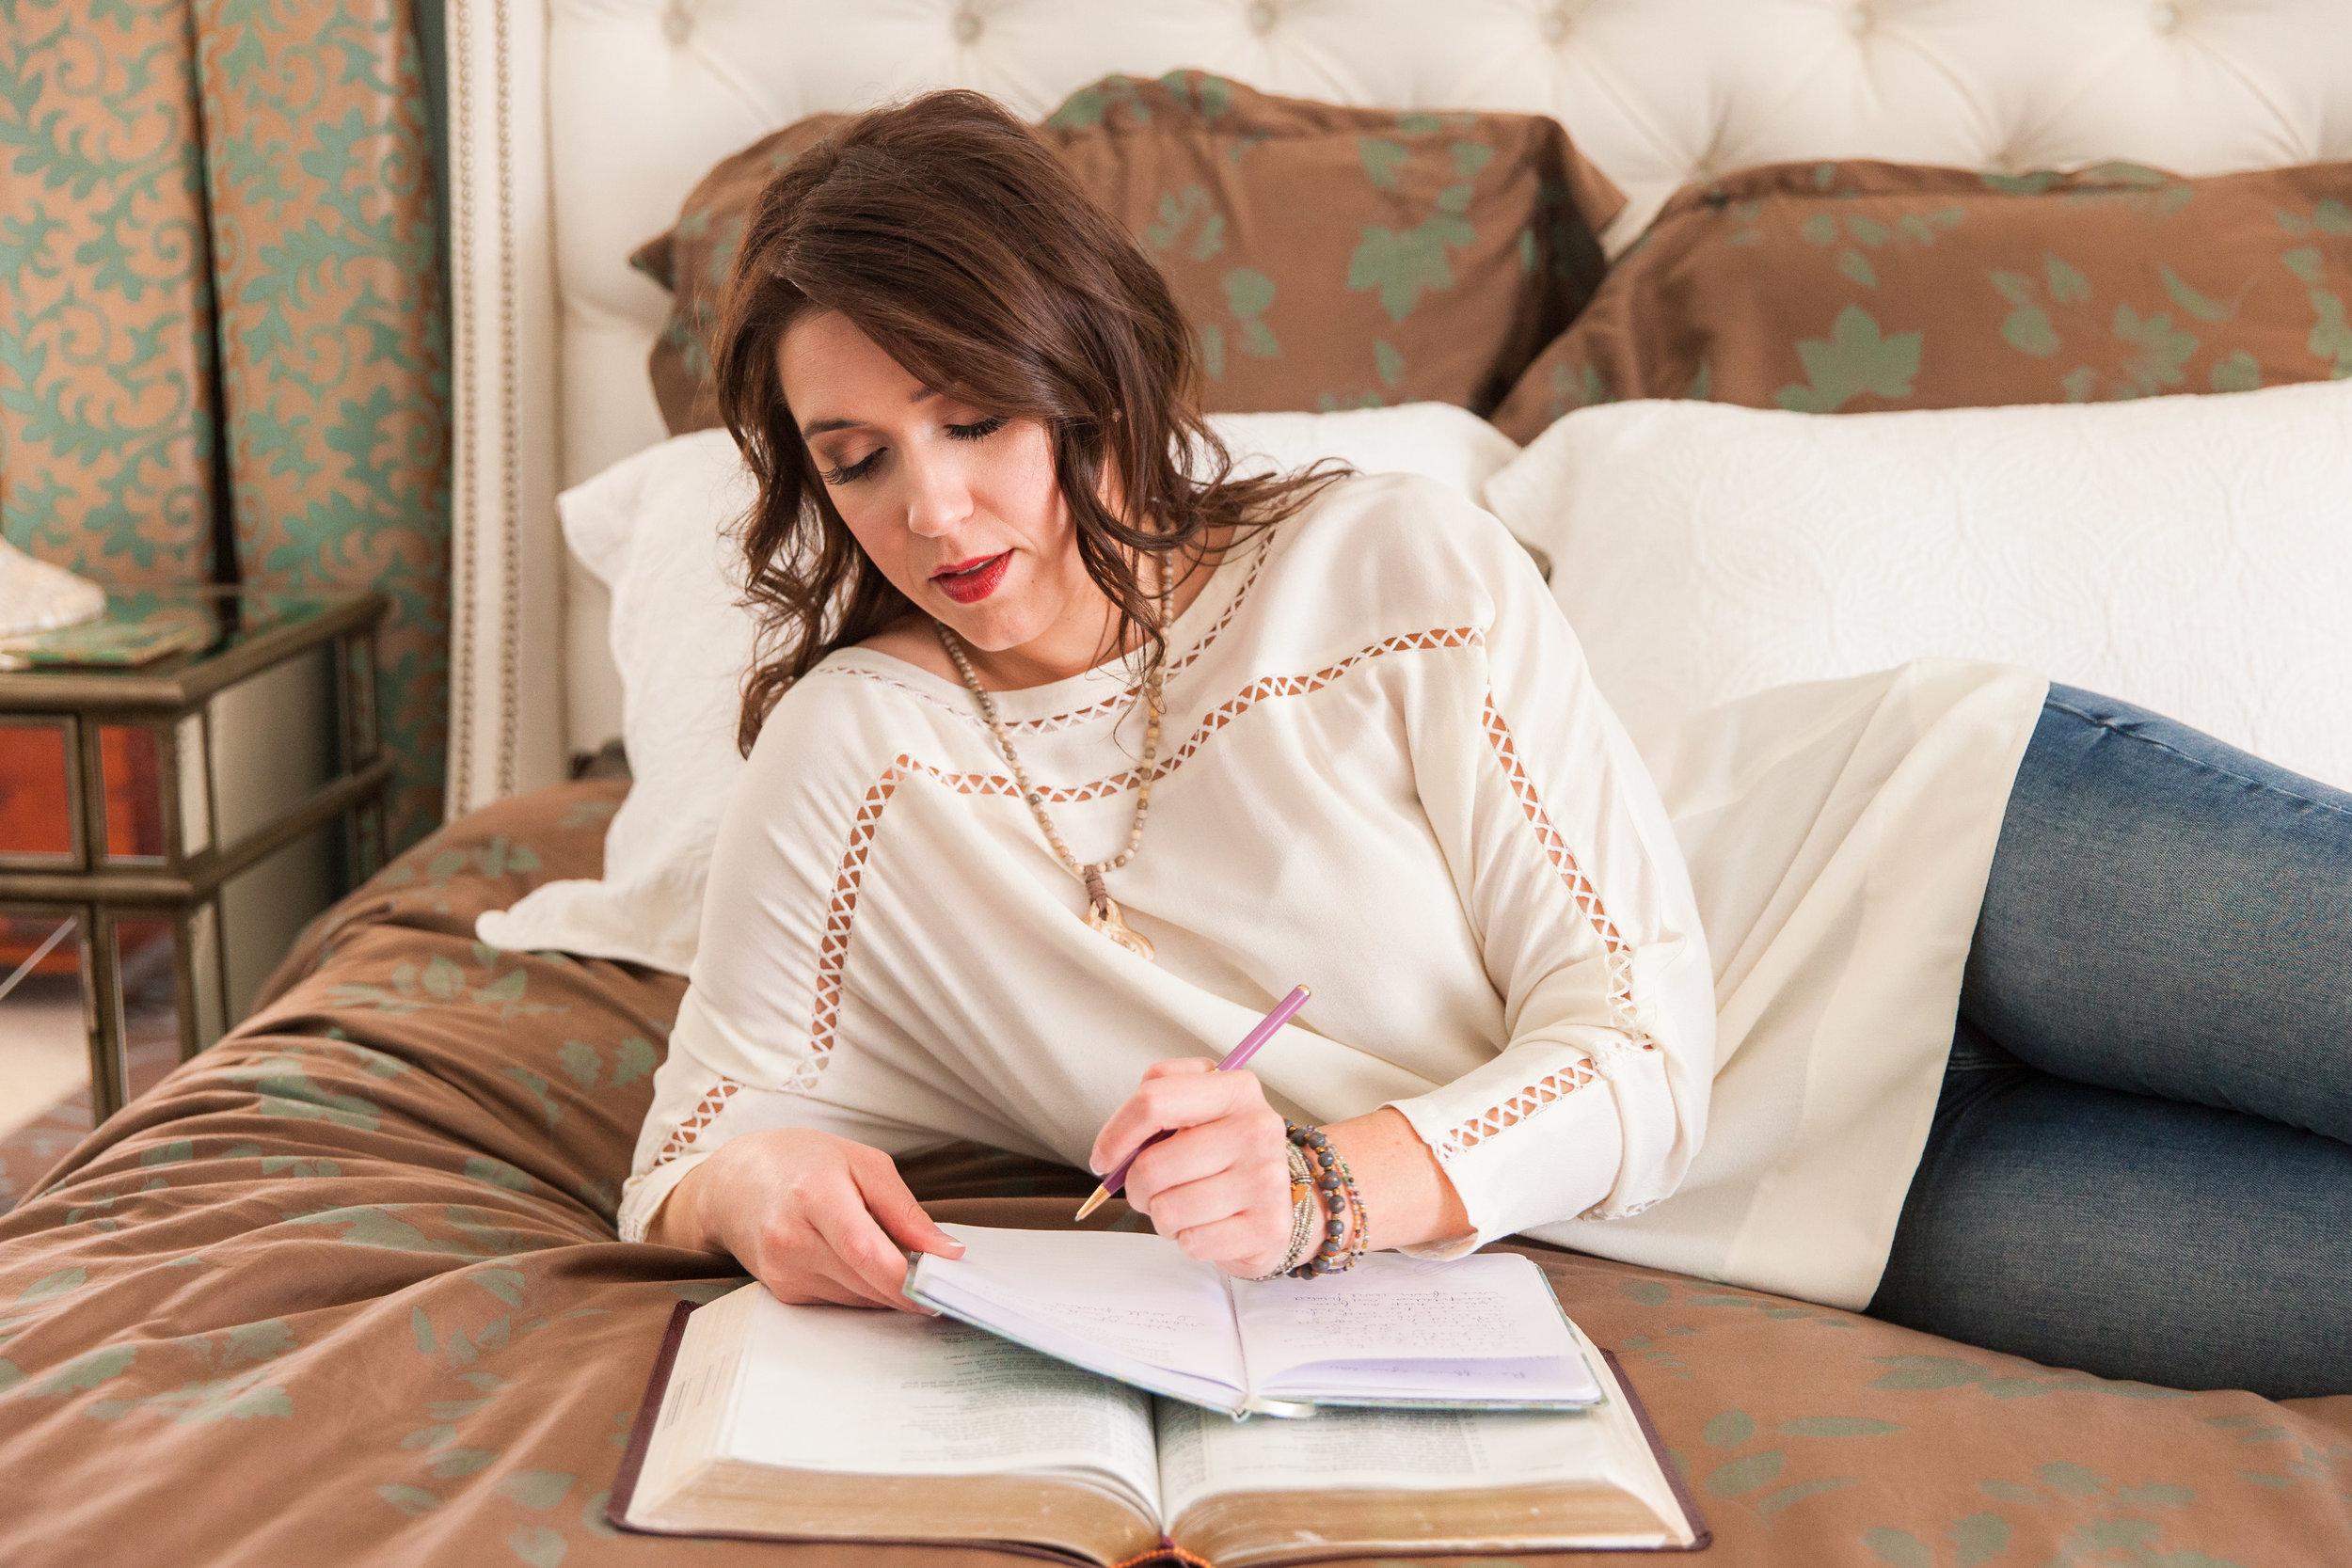 Bedroom journal peaceful.jpg